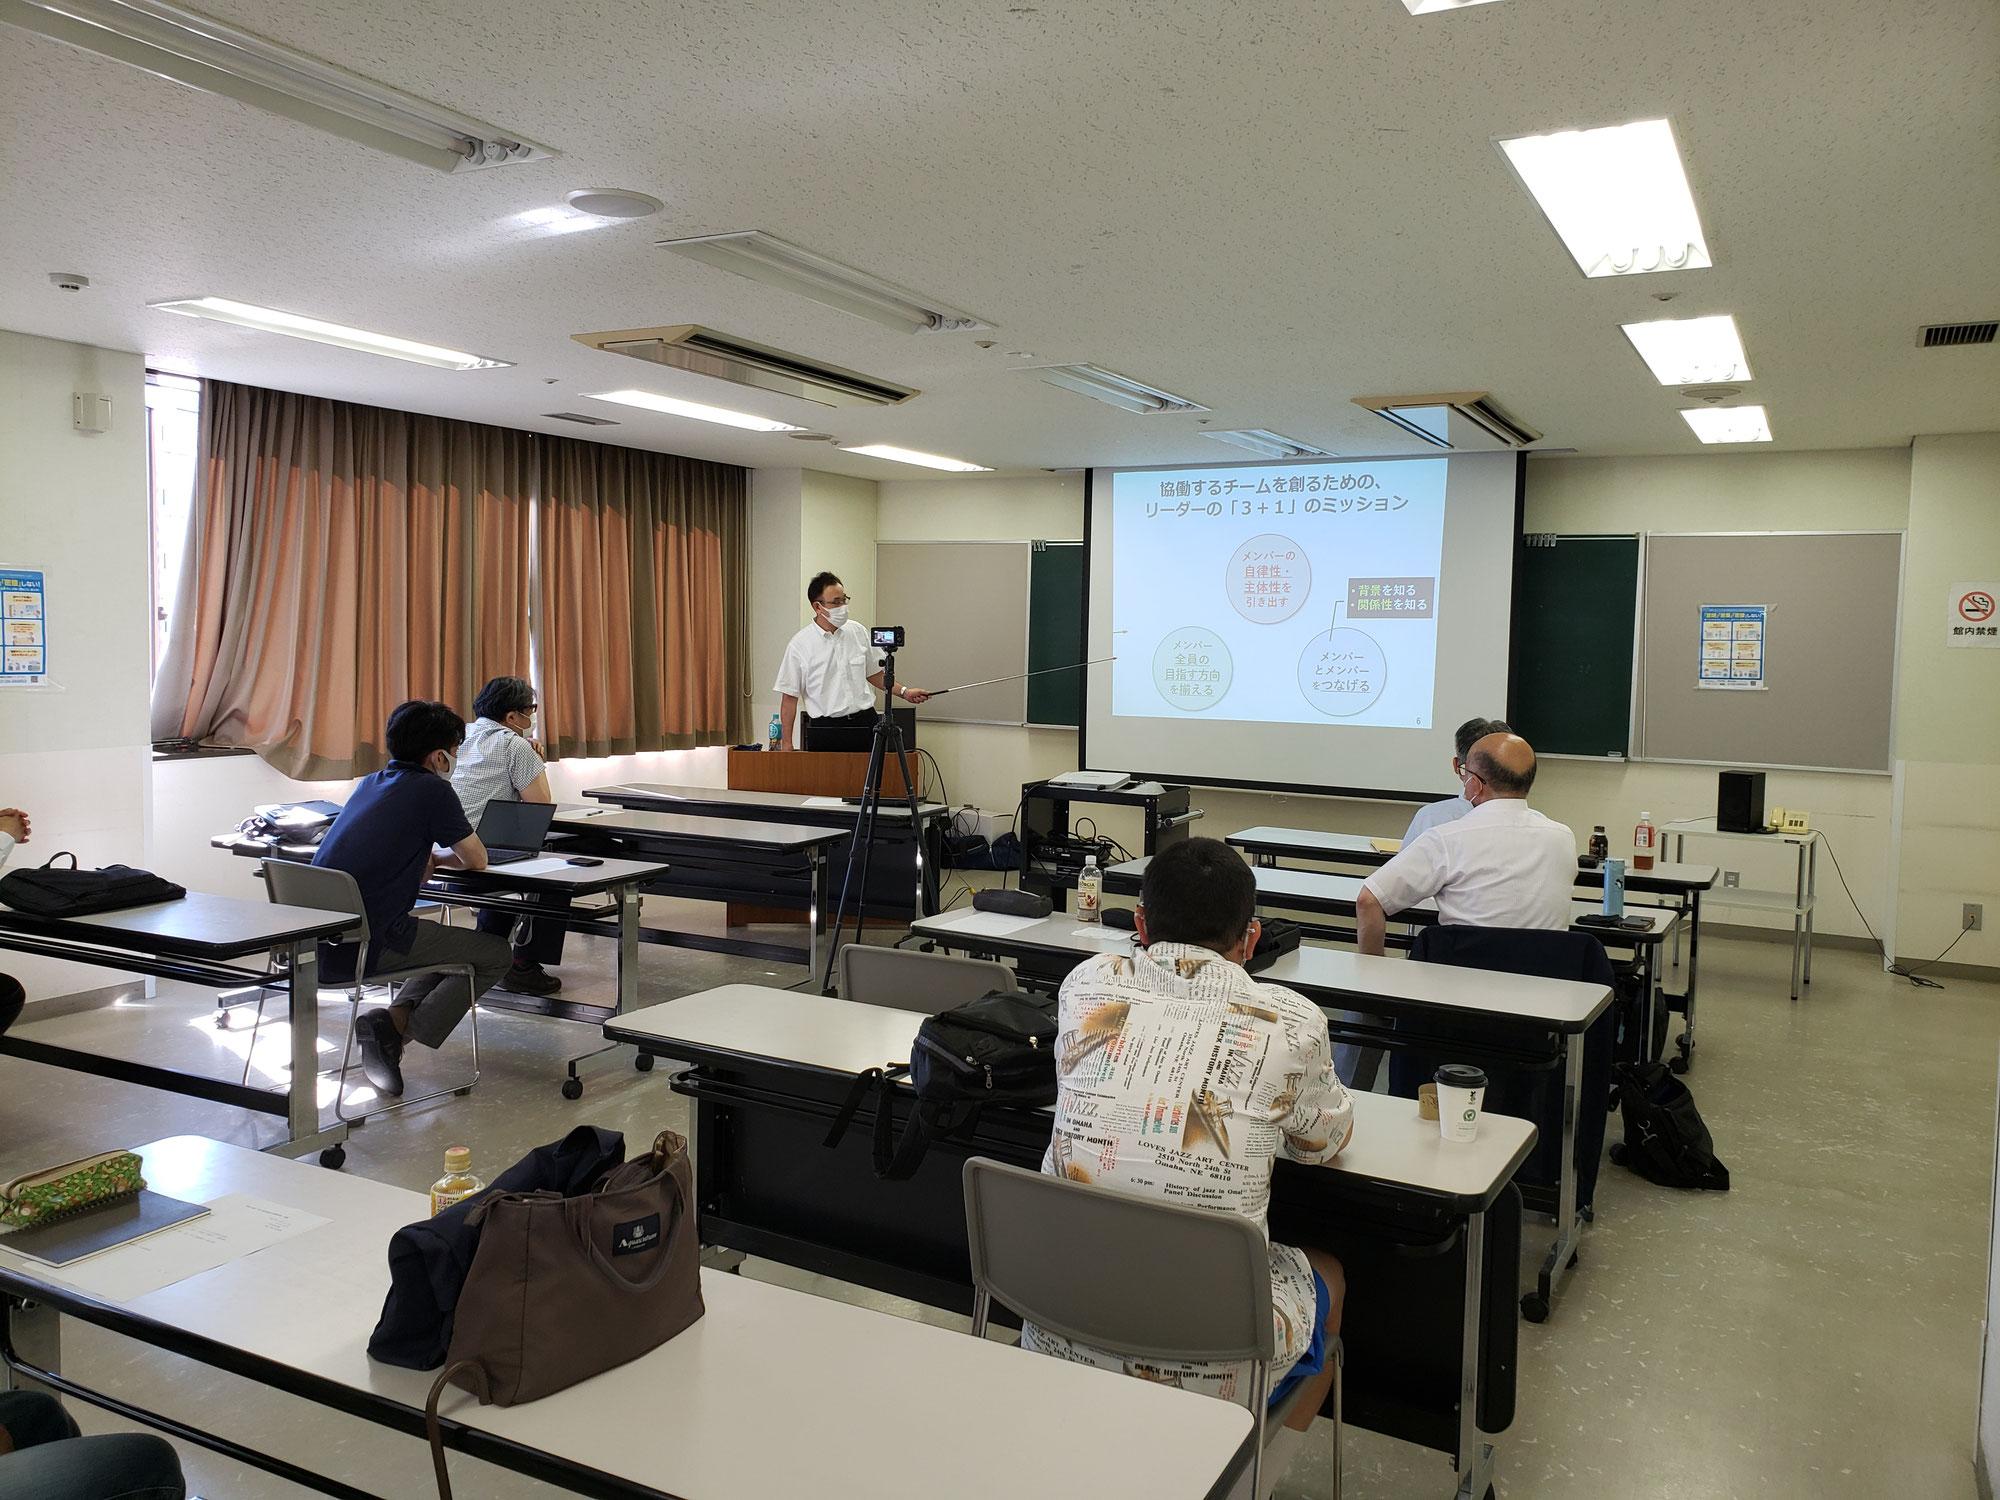 令和3年度 第1回企業再生支援研究会を開催しました